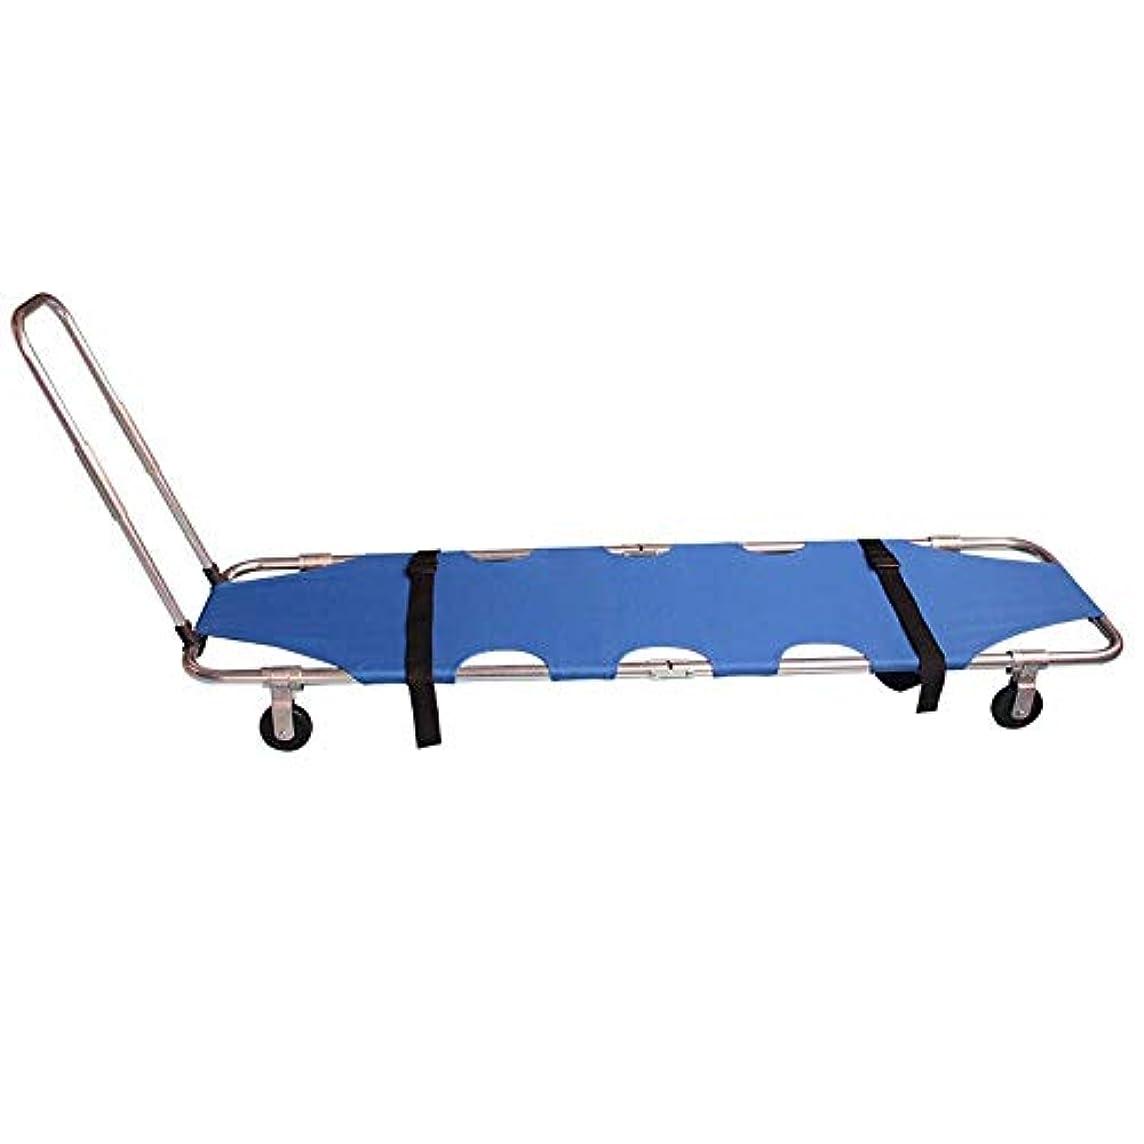 ラッドヤードキップリングアデレード魔術師緊急救助ストレッチャー、病院、クリニック、ホームなどのための4つの車輪とシートベルトを備えたフラット折りたたみ式ポータブルストレッチャー